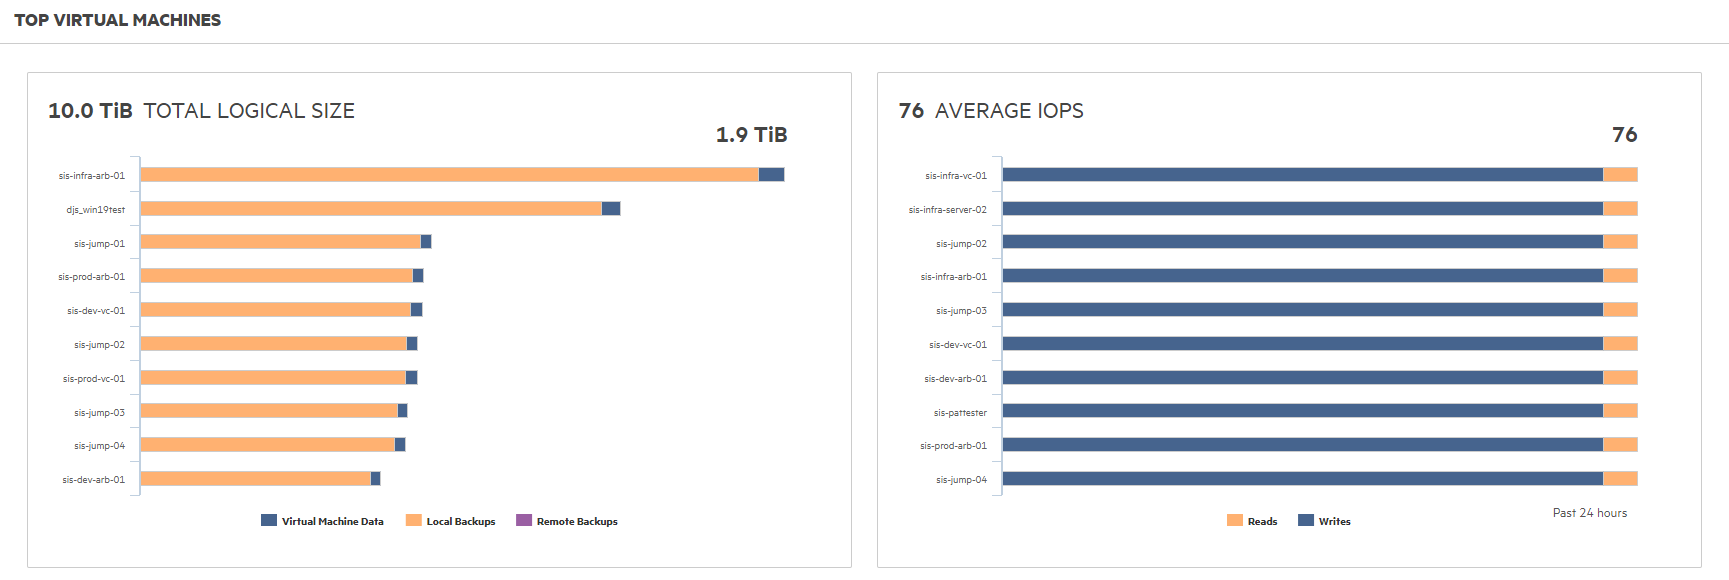 Pregled največjih virtualnih instanc in povprečja IOPS-ov